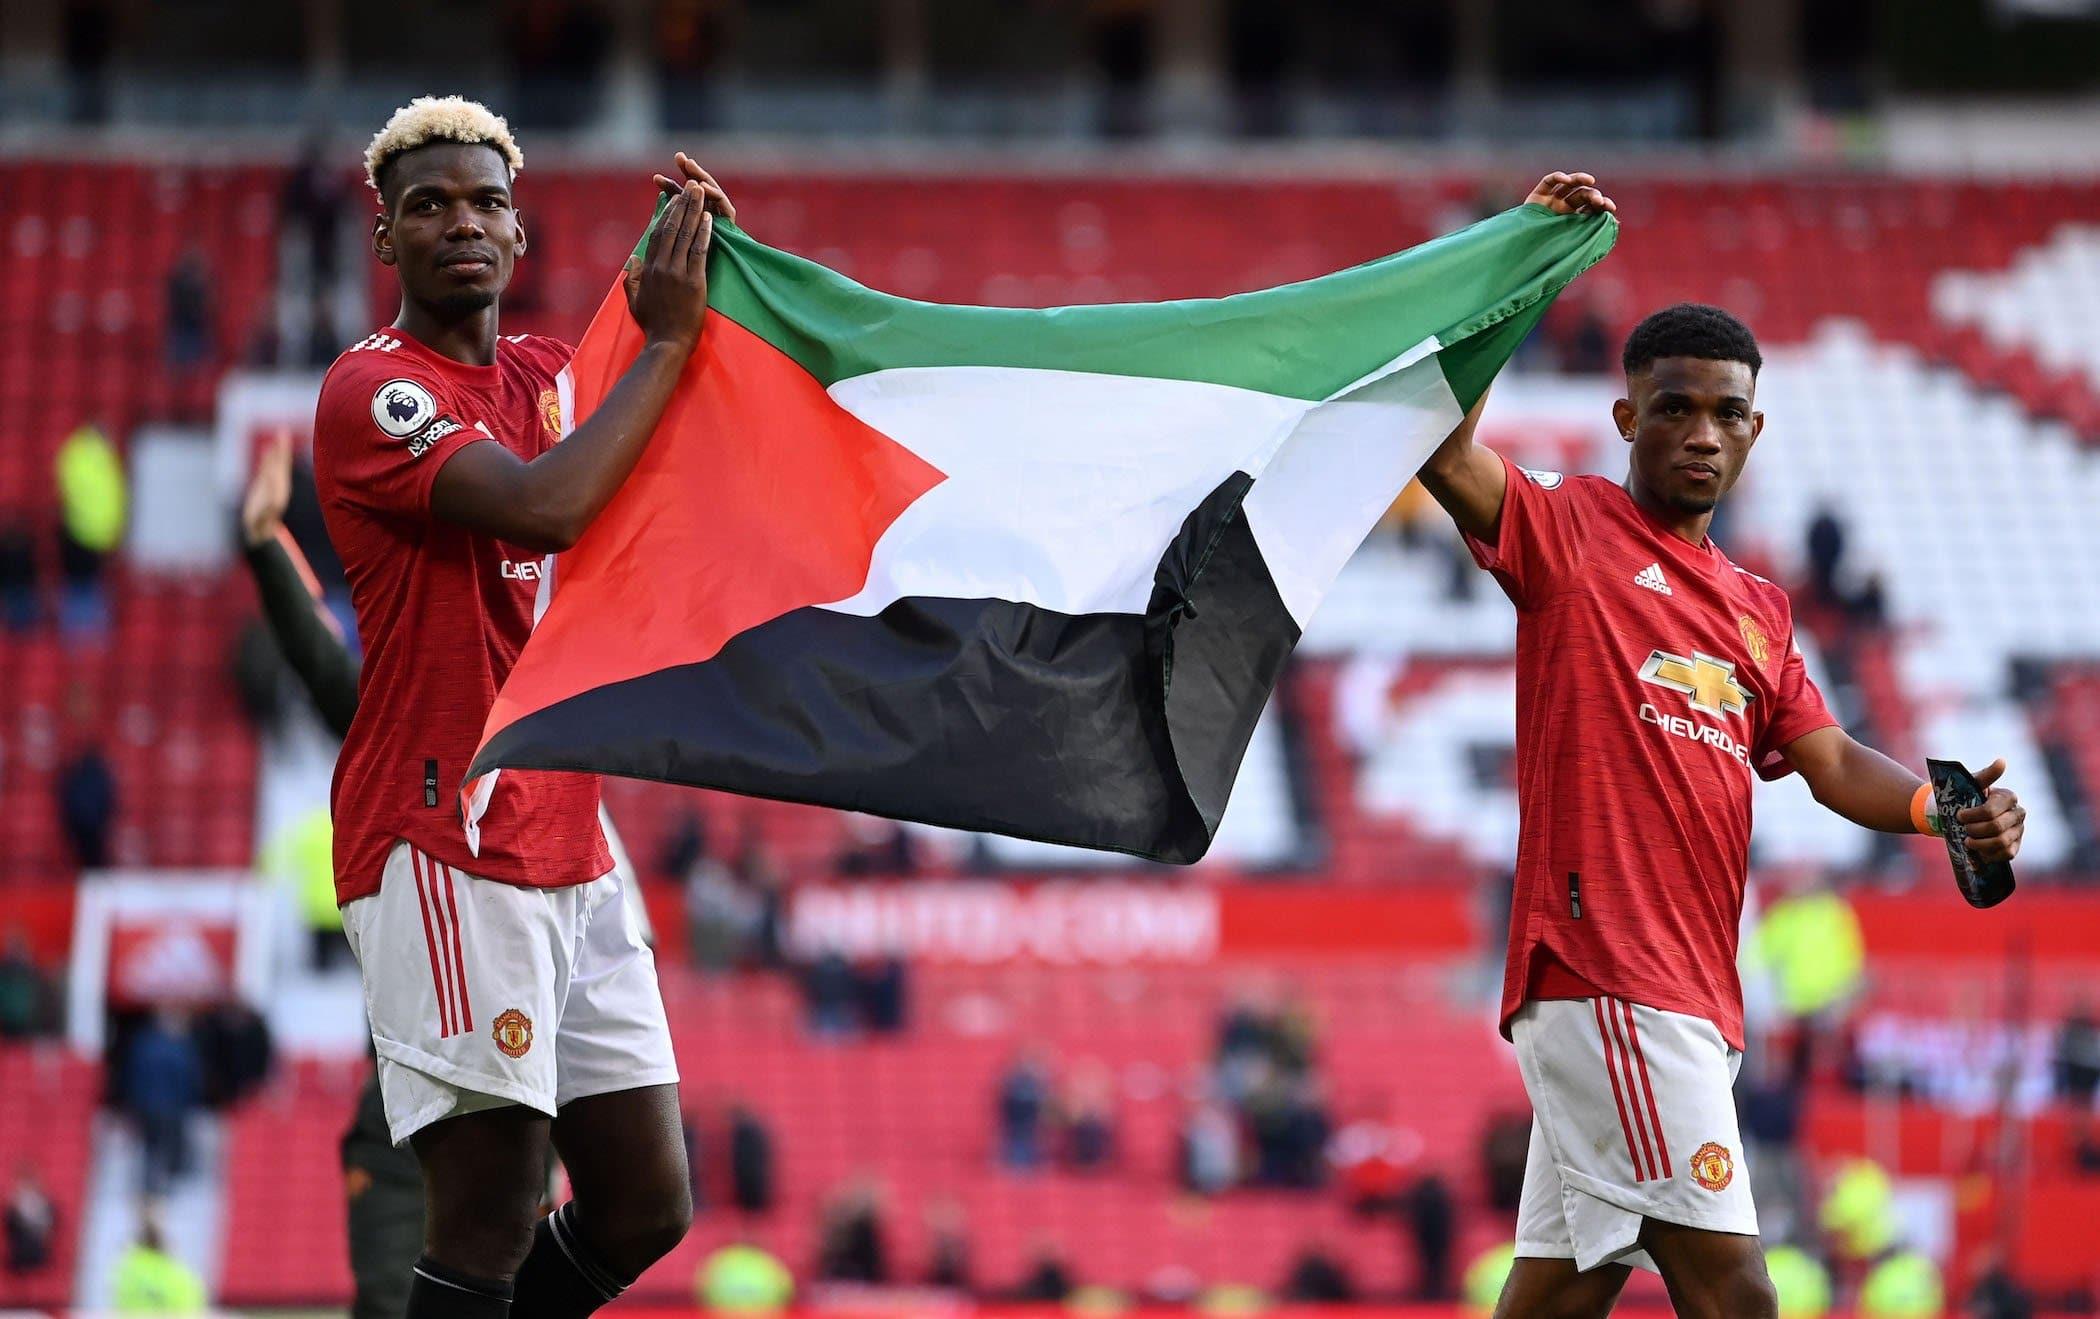 بوغبا وتراوري يرفعان العلم الفلسطيني داخل معقل مانشستر يونايتد تضامنًا مع فلسطين